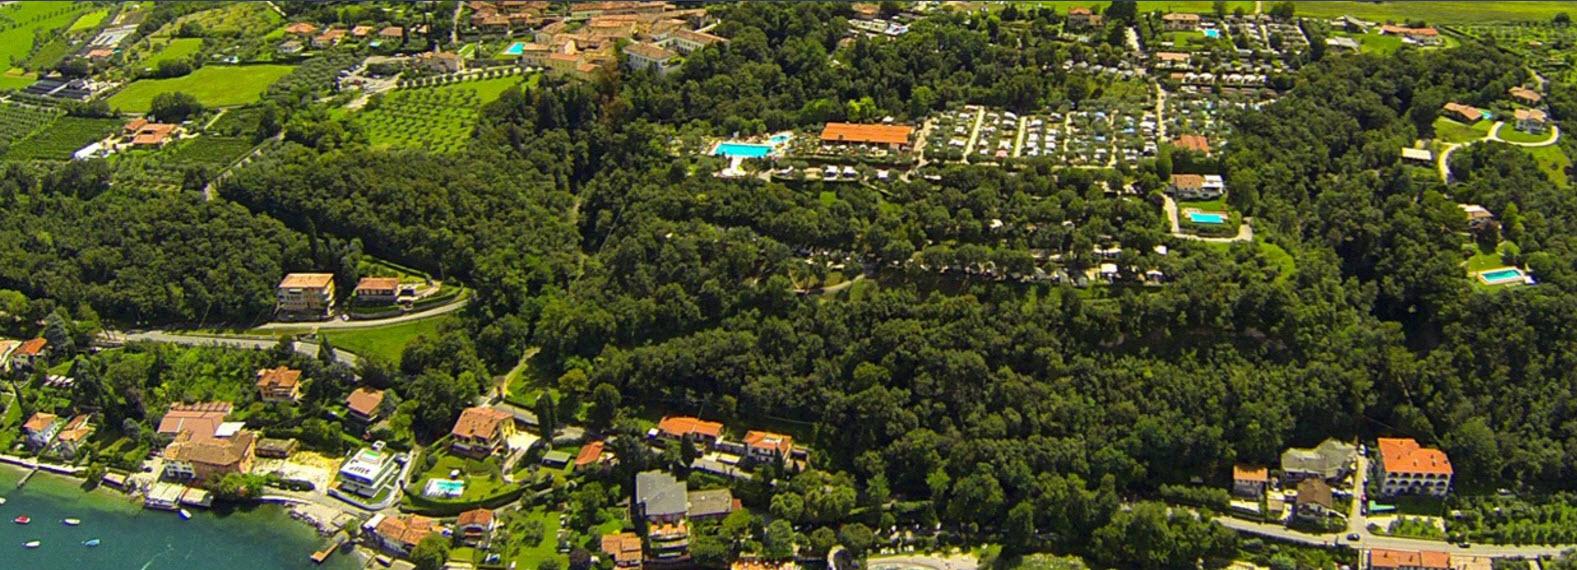 Veduta aerea del Camping Villaggio Weekend.